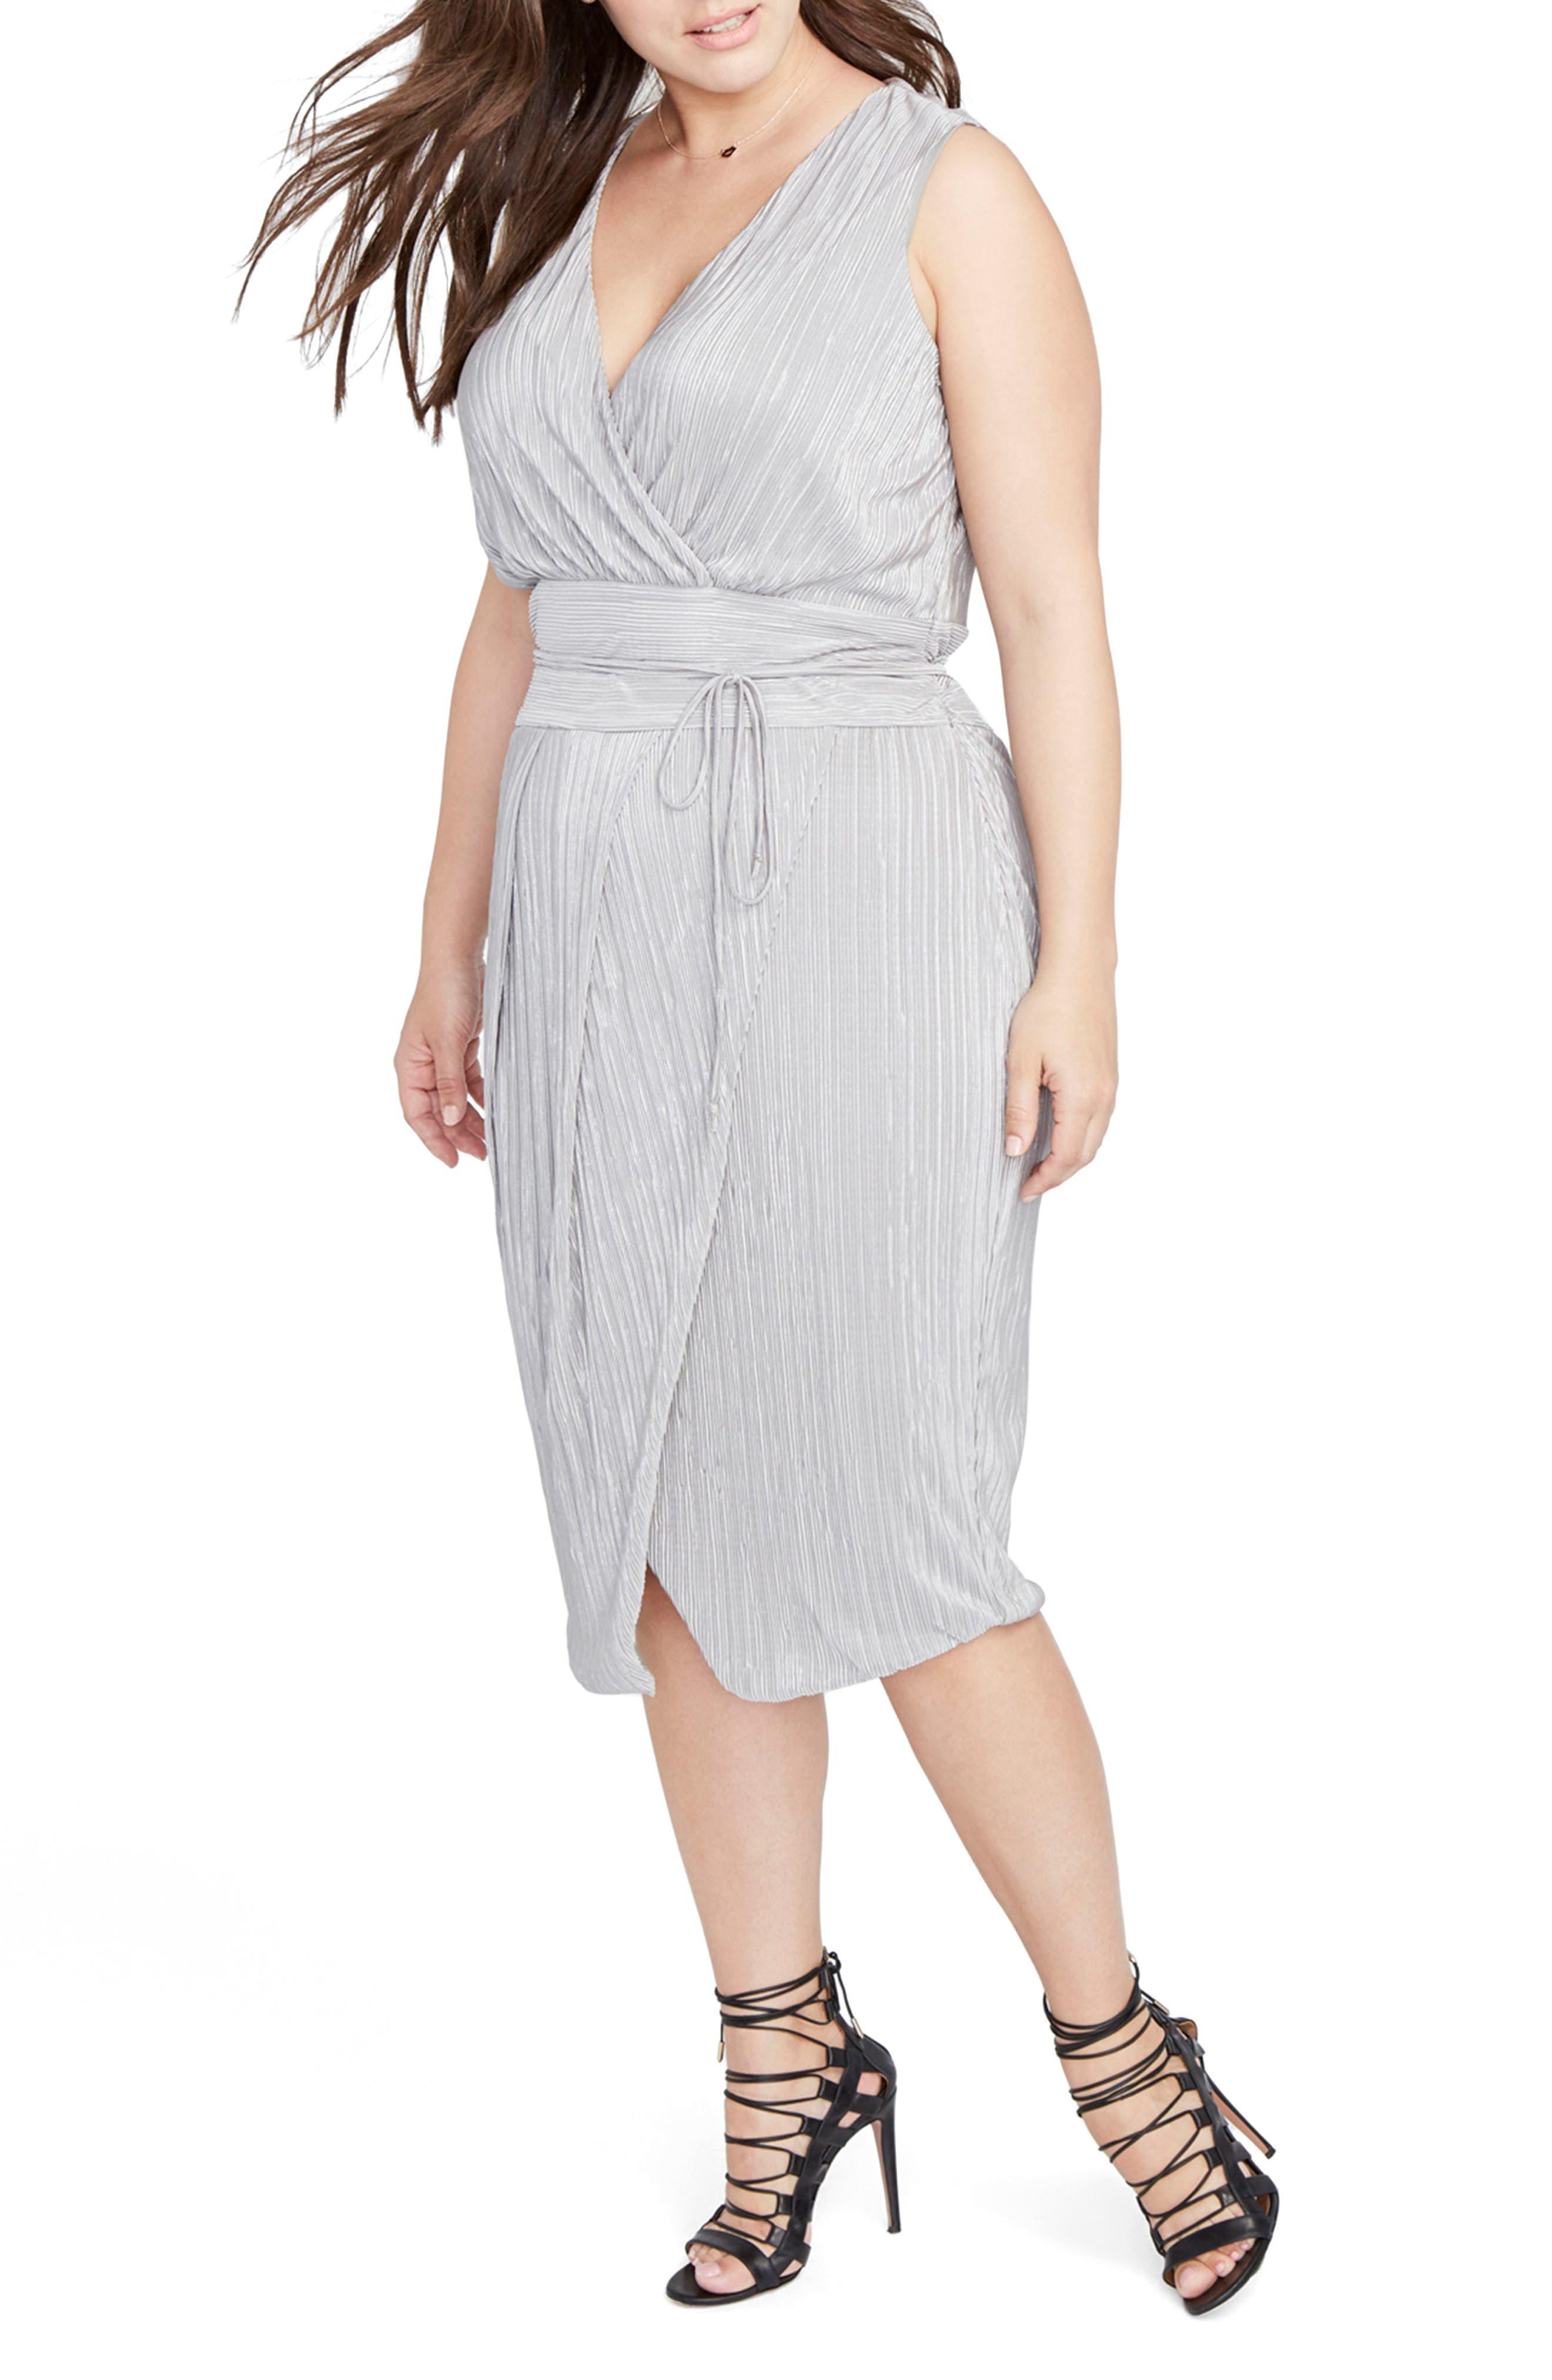 Alternate Image 1 Selected - RACHEL Rachel Roy Foiled Faux Wrap Dress (Plus Size)